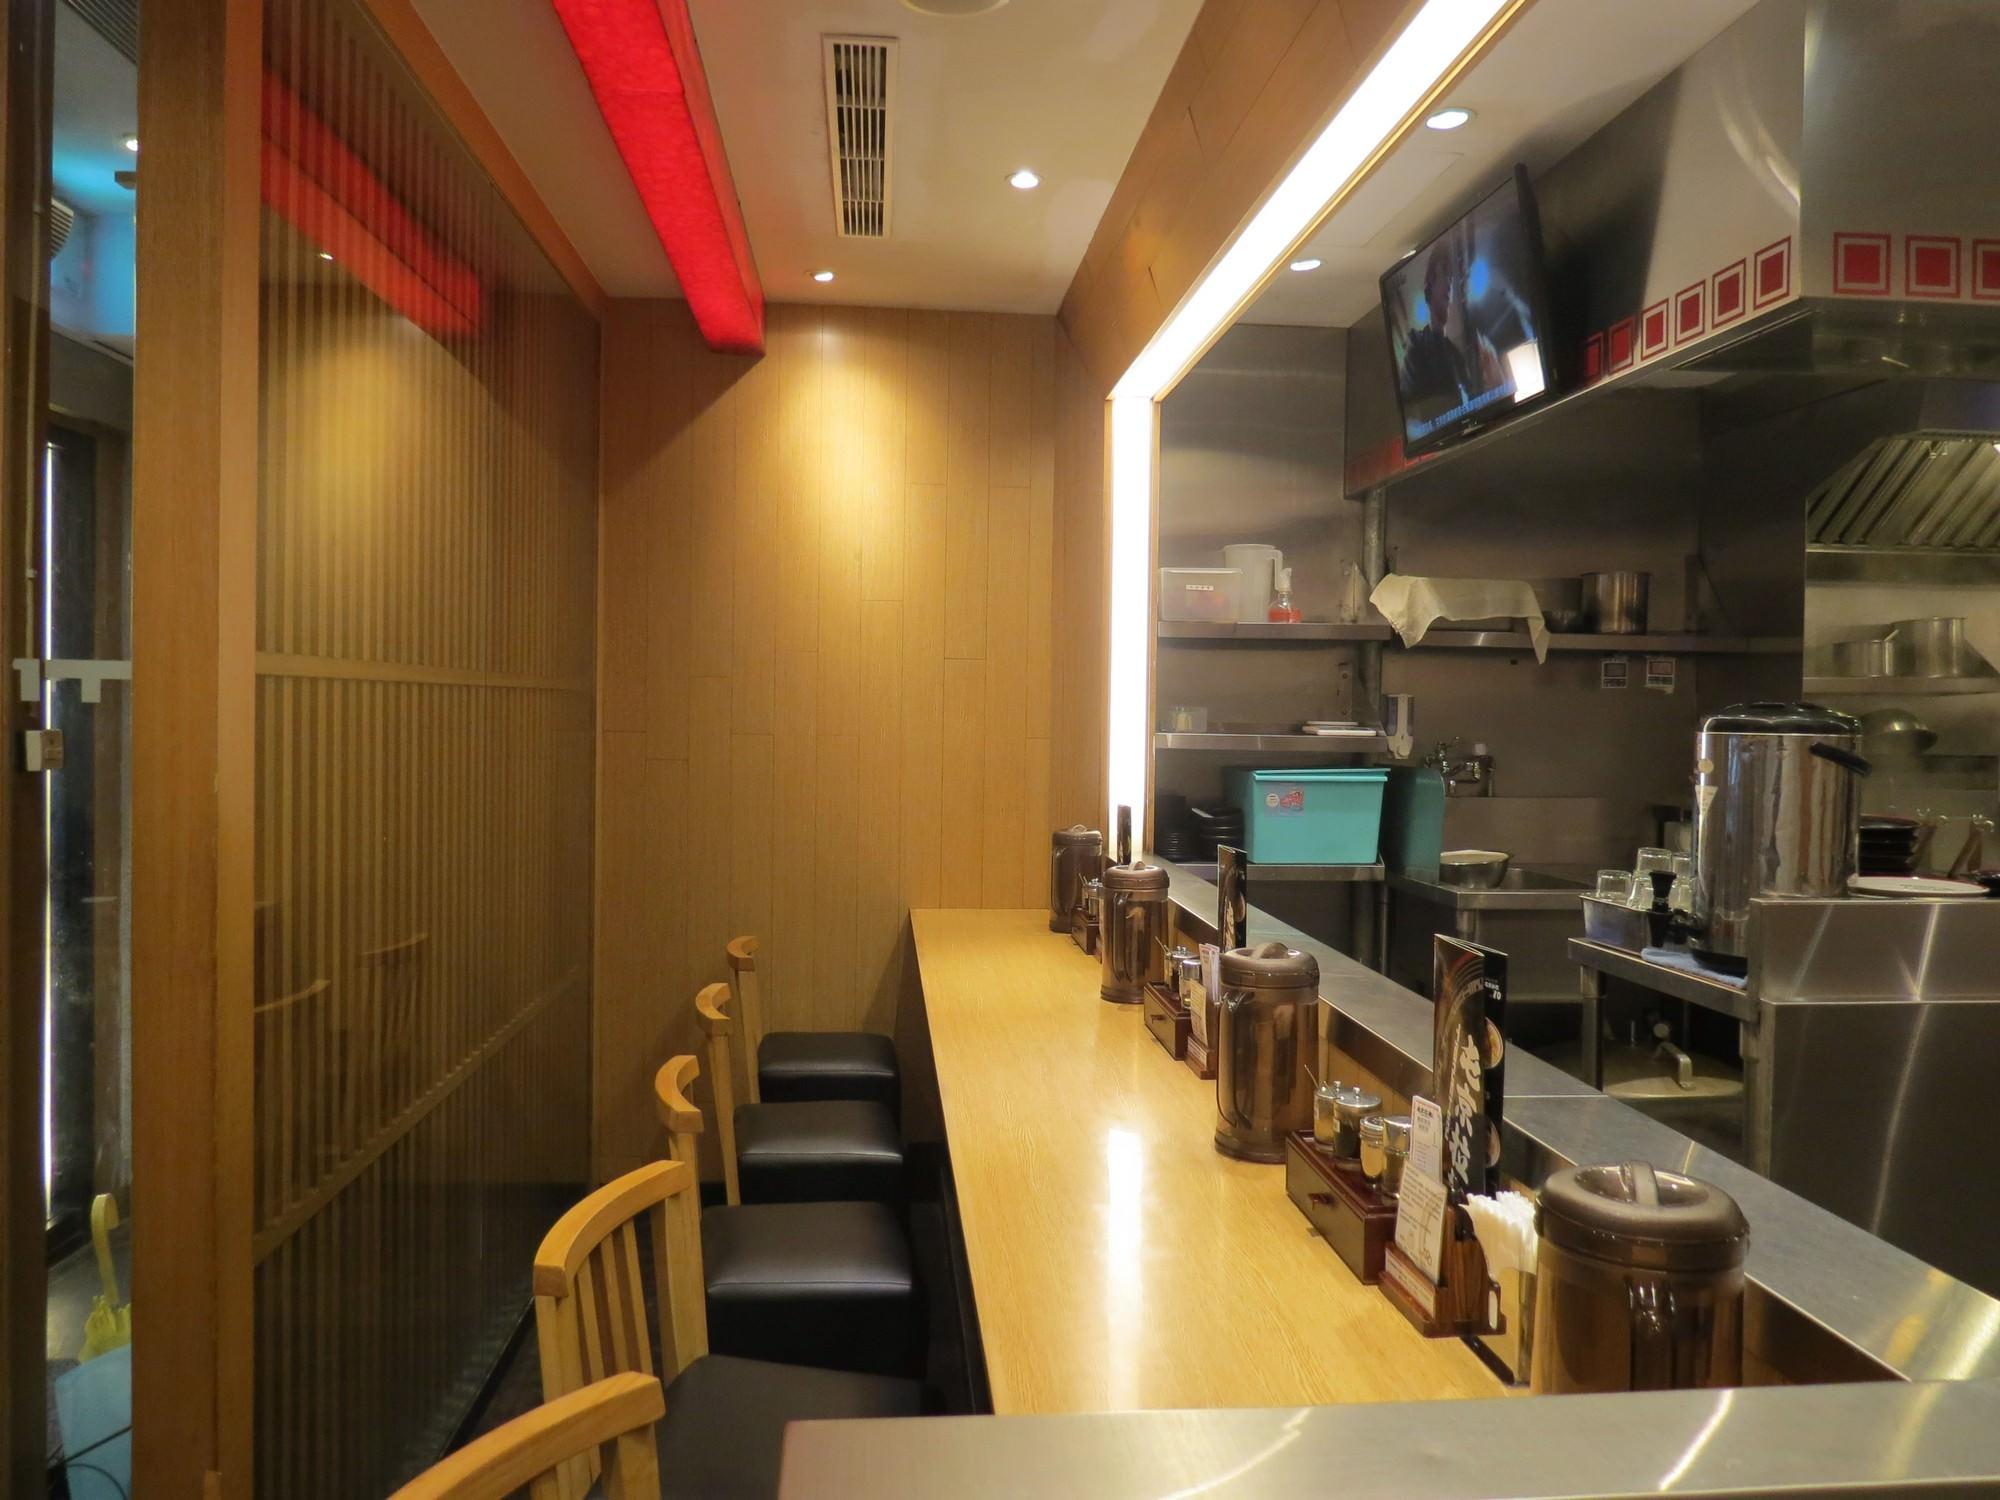 屯京拉麵@中山店, 用餐空間